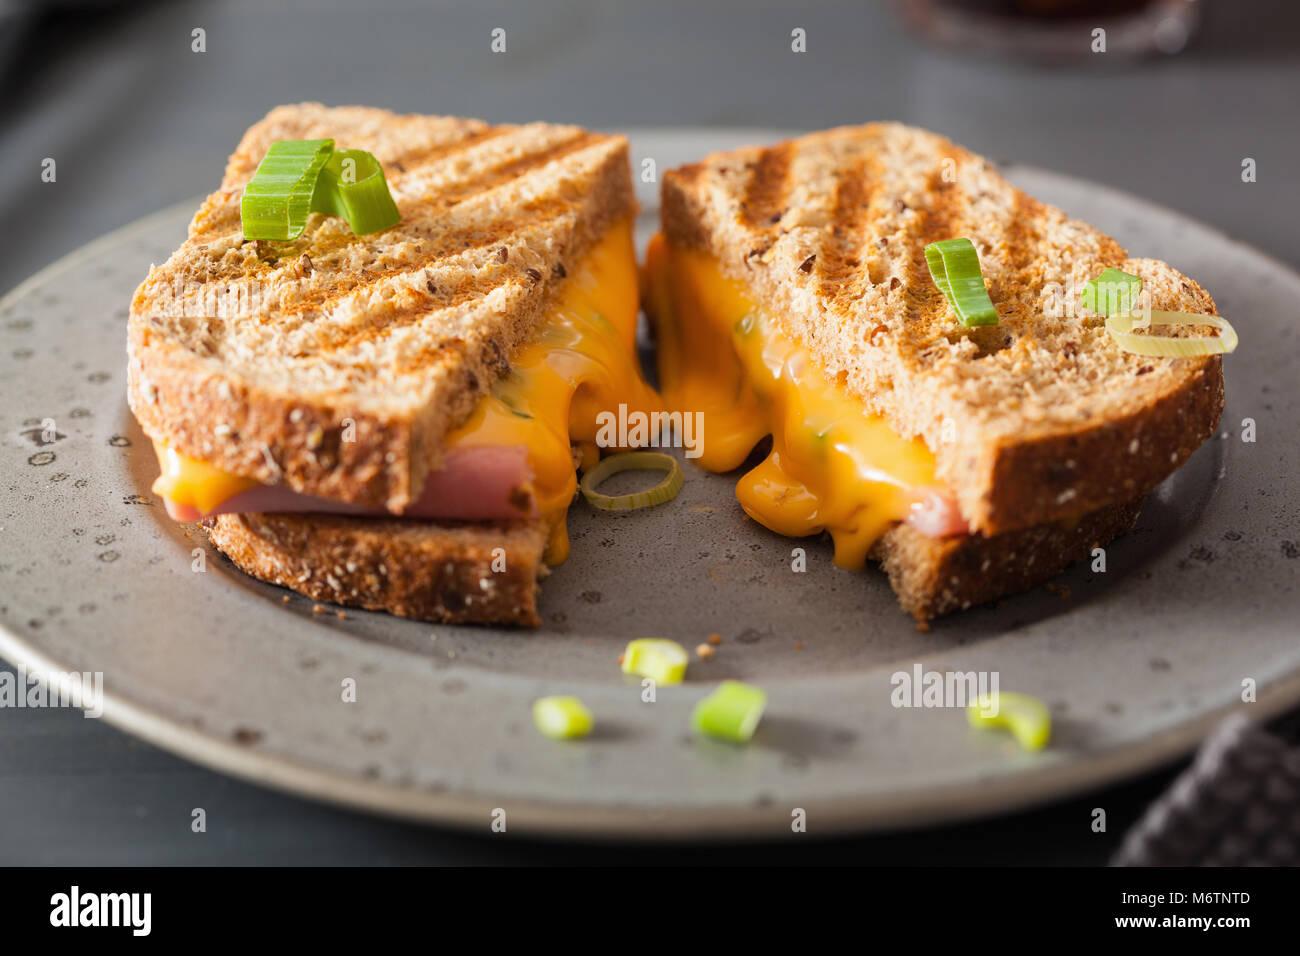 Sándwich de jamón y queso a la plancha Imagen De Stock